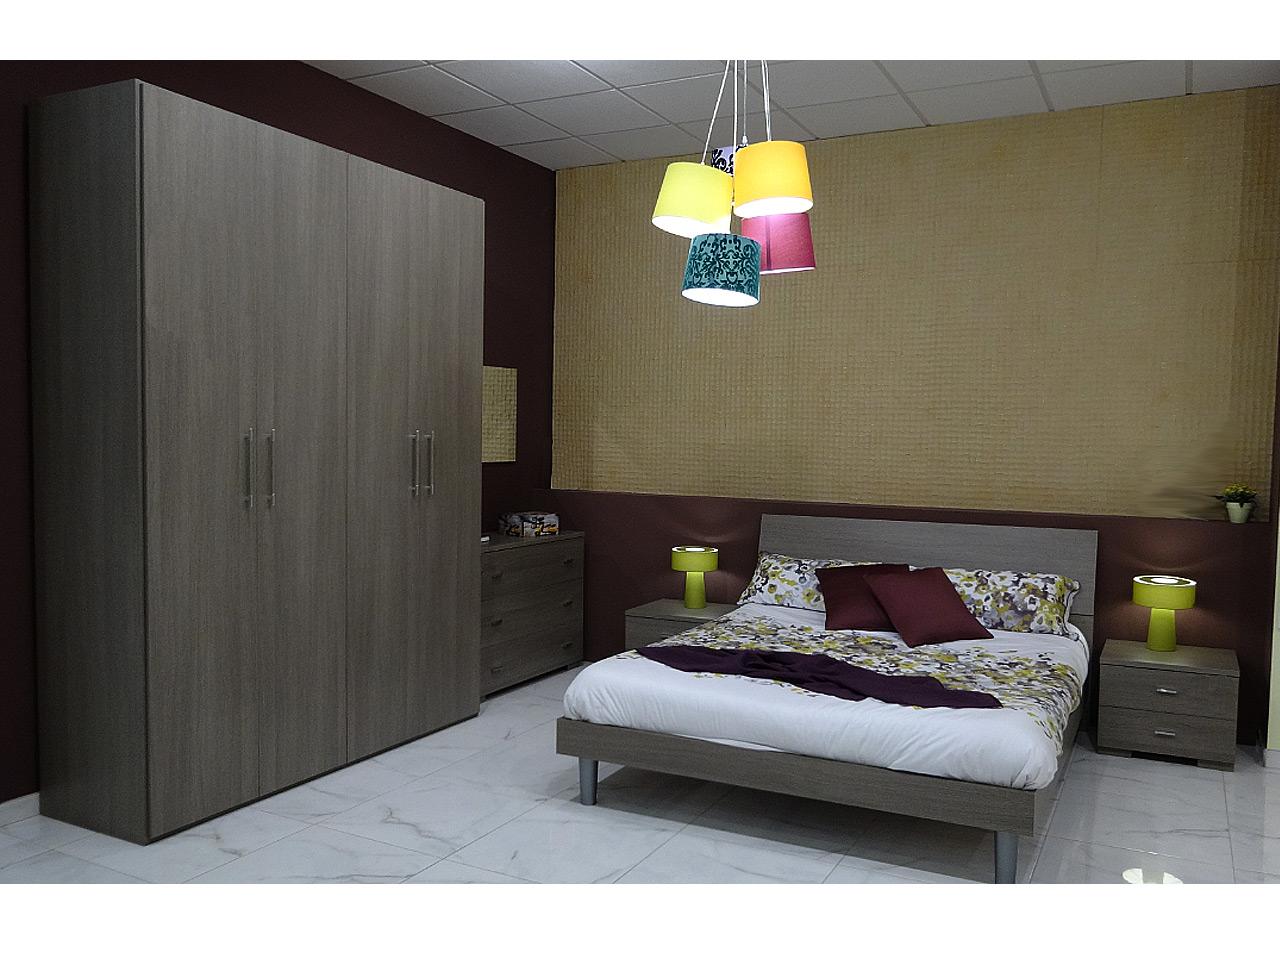 Atr vete con una decoraci n en color mostaza - Como combinar colores en paredes ...